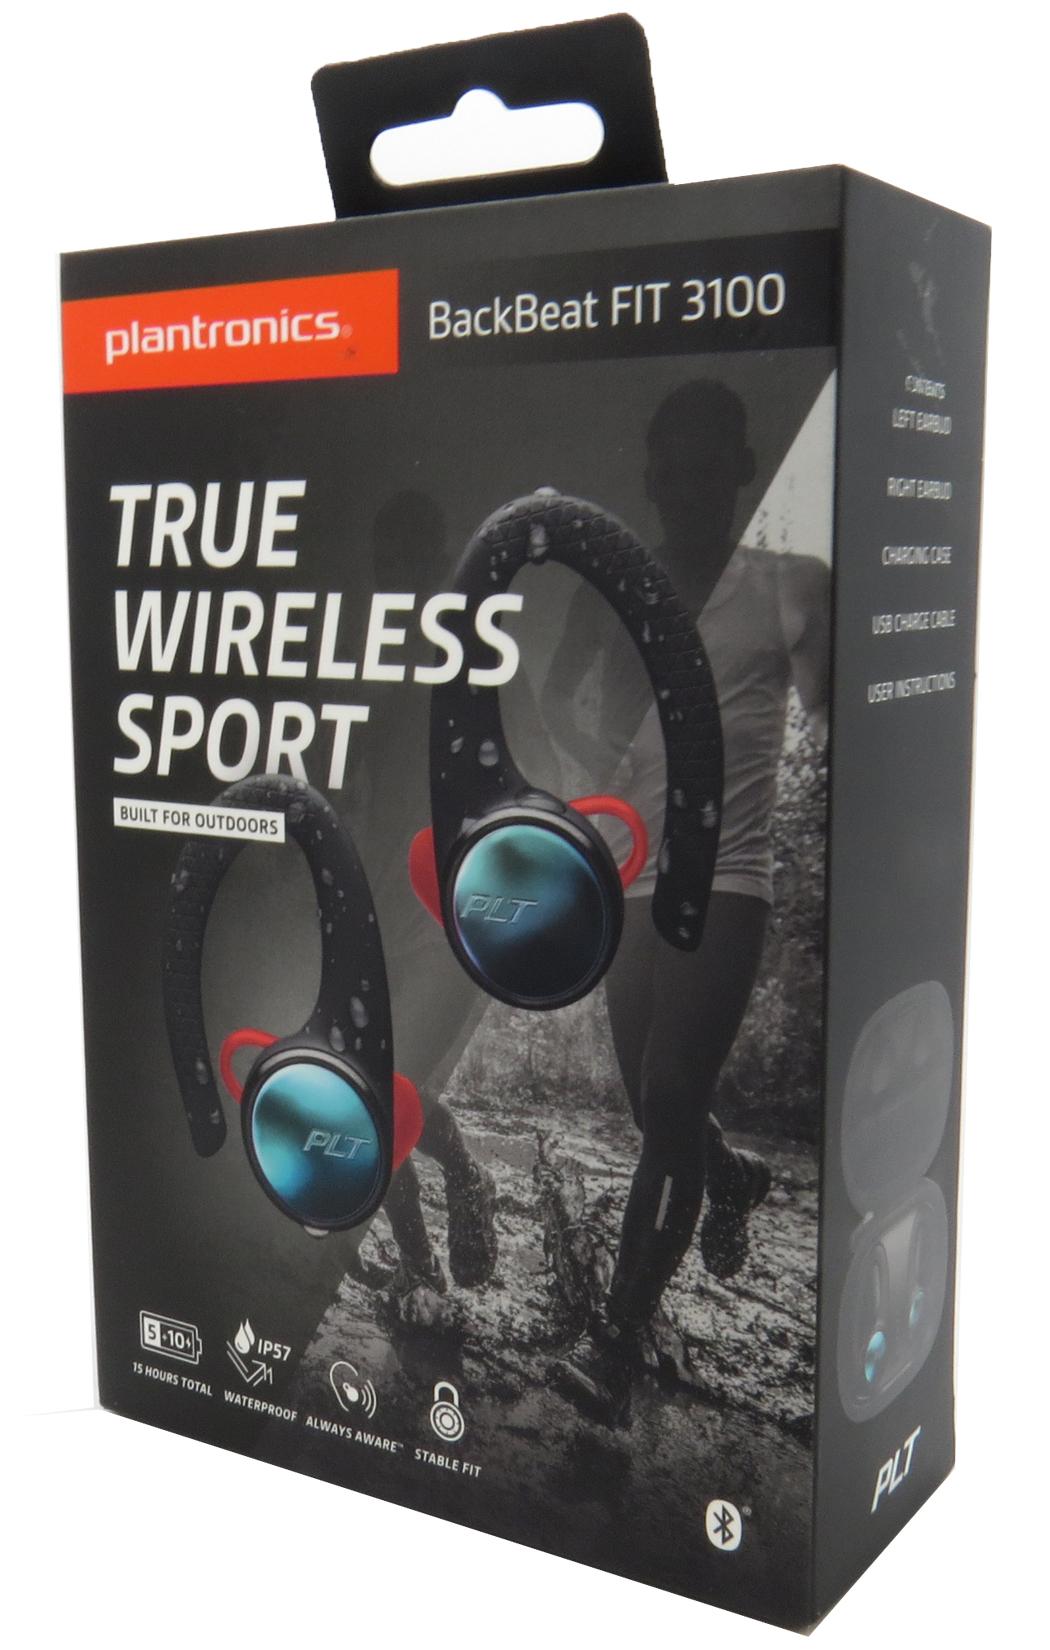 Plantronics Backbeat Fit 3100 True Wireless Sport Earbuds Waterproof Bluetooth Ebay